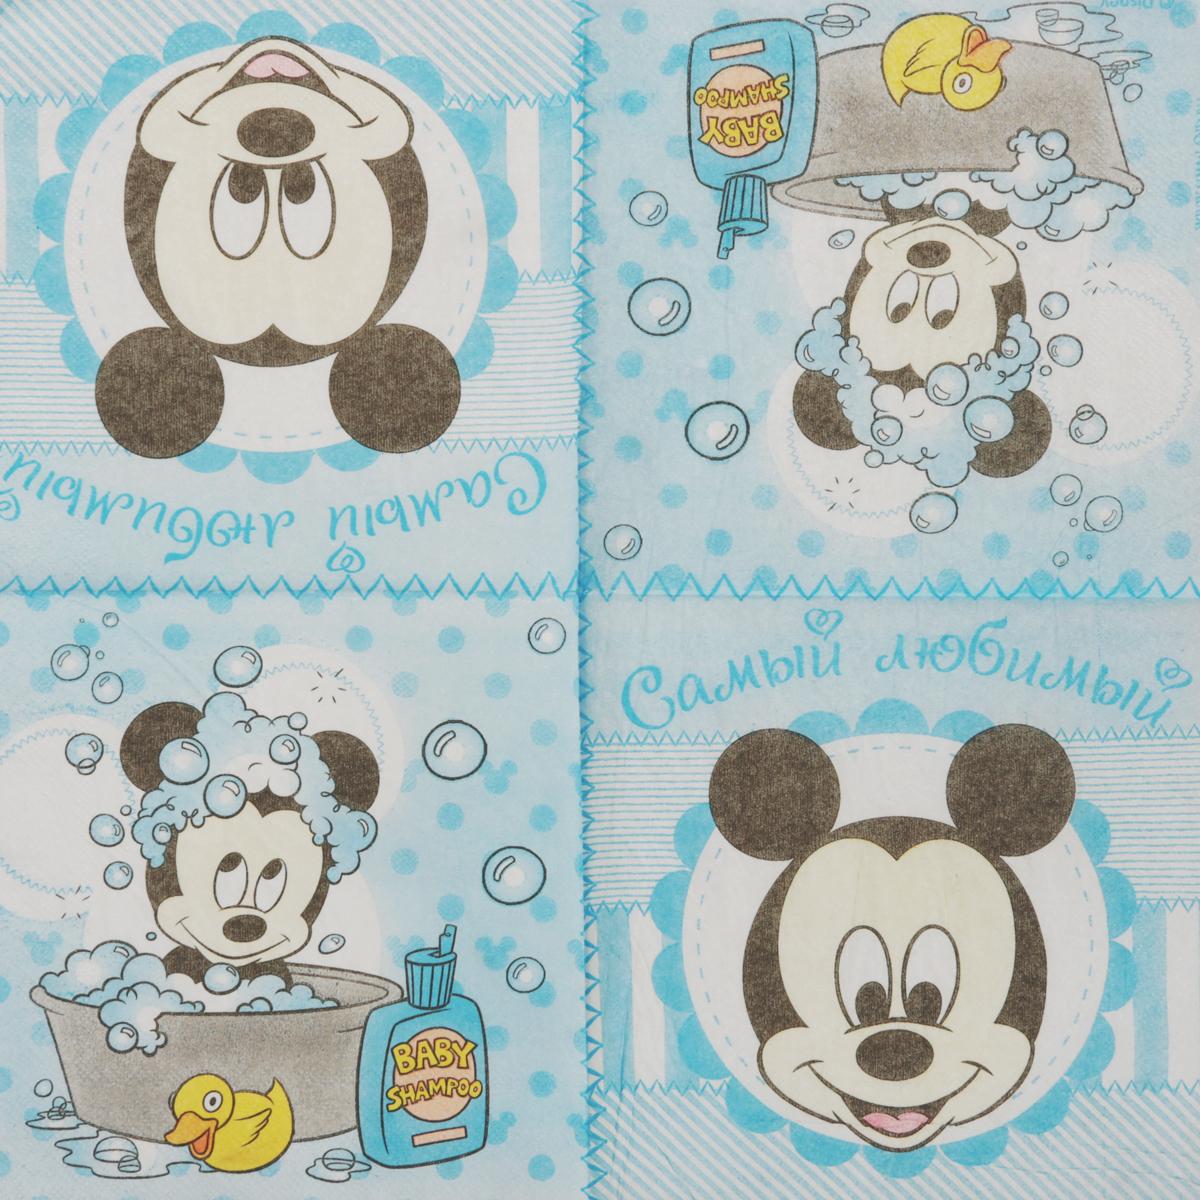 Салфетка для декупажа Disney Микки Маус. Самый любимый, 33 х 33 см09840-20.000.00Салфетка для декупажа изготовлена из тонкой, но качественной бумаги. Легко приклеится к основе и сохранит при этом насыщенность красок и четкость линий.Создавайте свои уникальные шедевры!